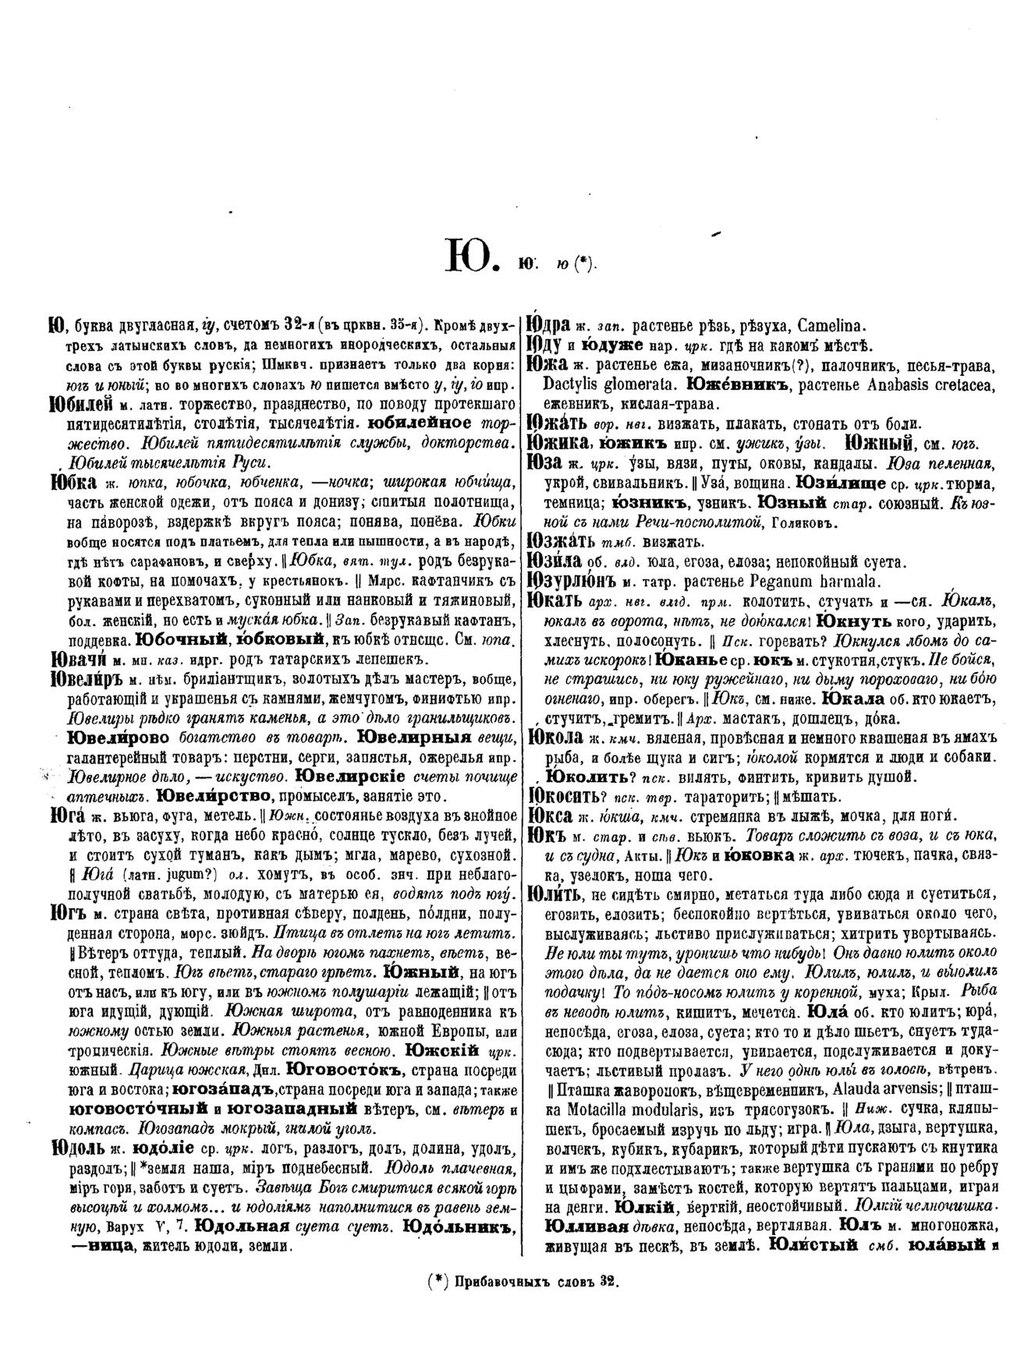 толковый словарь ожегова pdf скачать